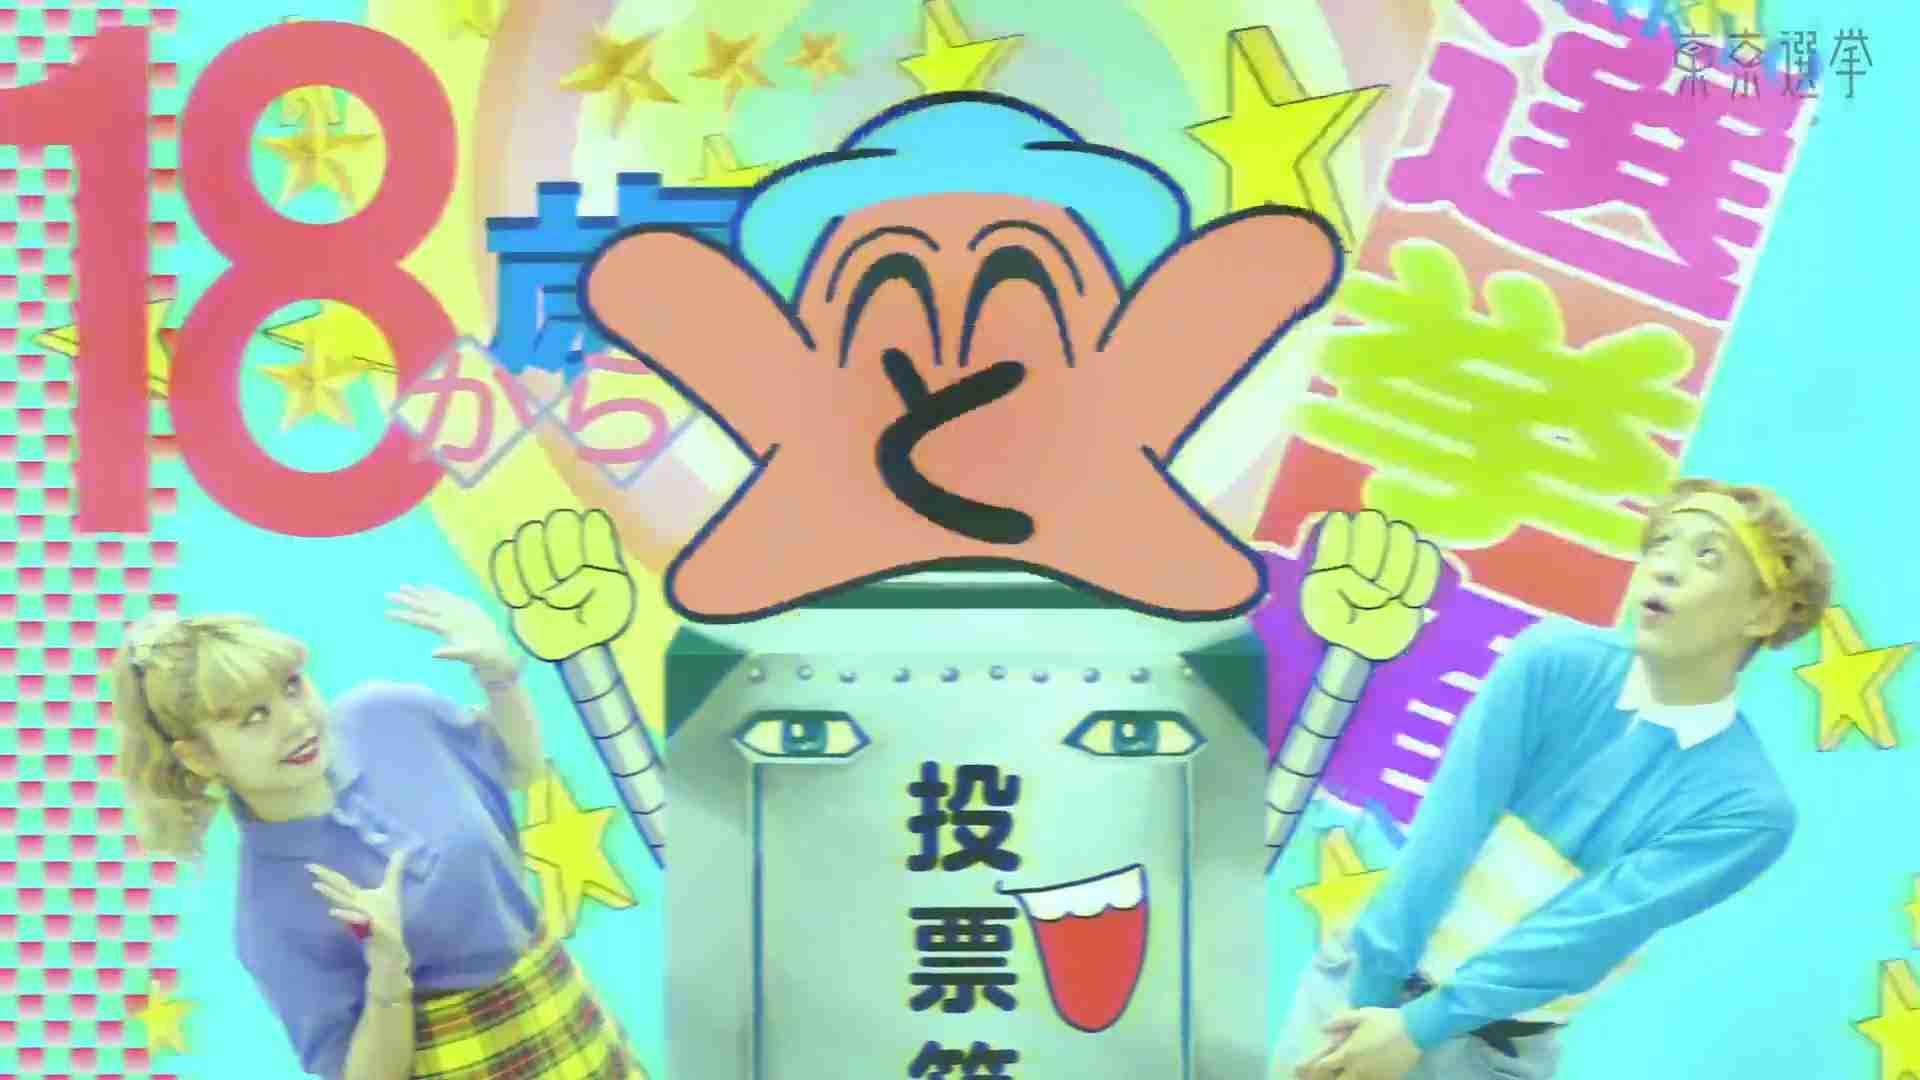 東京都選挙管理委員会が作ったカオスすぎる動画!ぺこ りゅうちぇる「TOHYO都プロモーション動画」 - YouTube